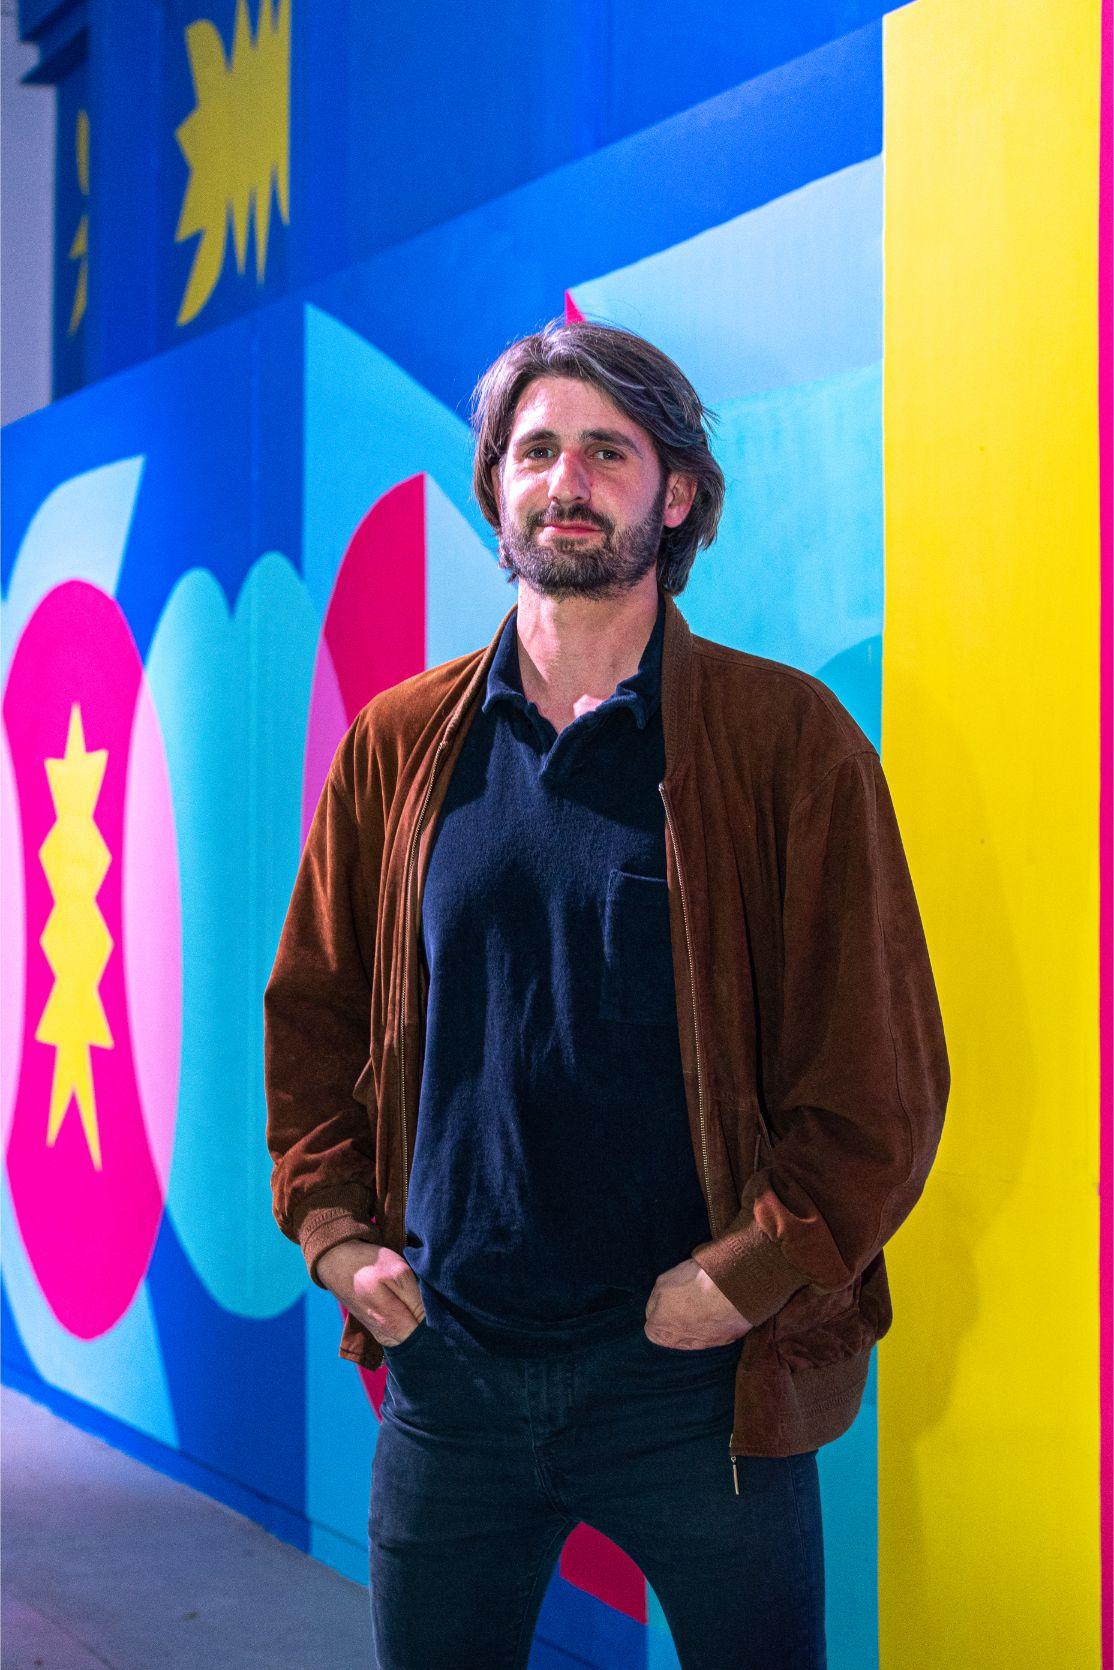 Bruxelles : l'expo hybride Canvas by Bombay Sapphire revient, et vous devez absolument y aller